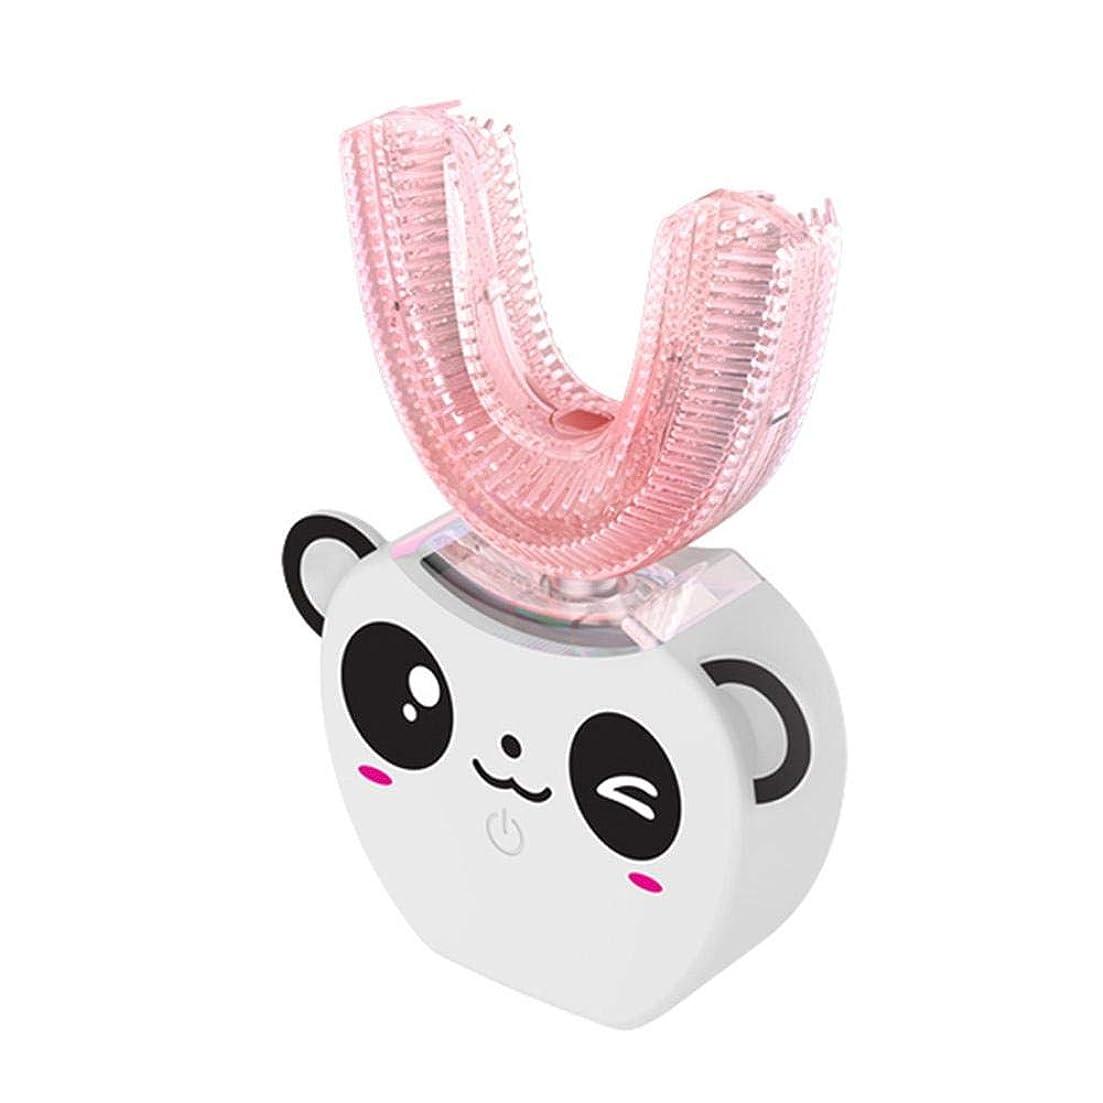 融合バルク主権者電動歯ブラシ U型 360°全方位 自動歯ブラシ 柔らかいシリコーンブラシヘッド 超音波 怠け者歯ブラシ ワイヤレス充電 より深い清掃 虫歯予防 かわいいデザイン 子供用